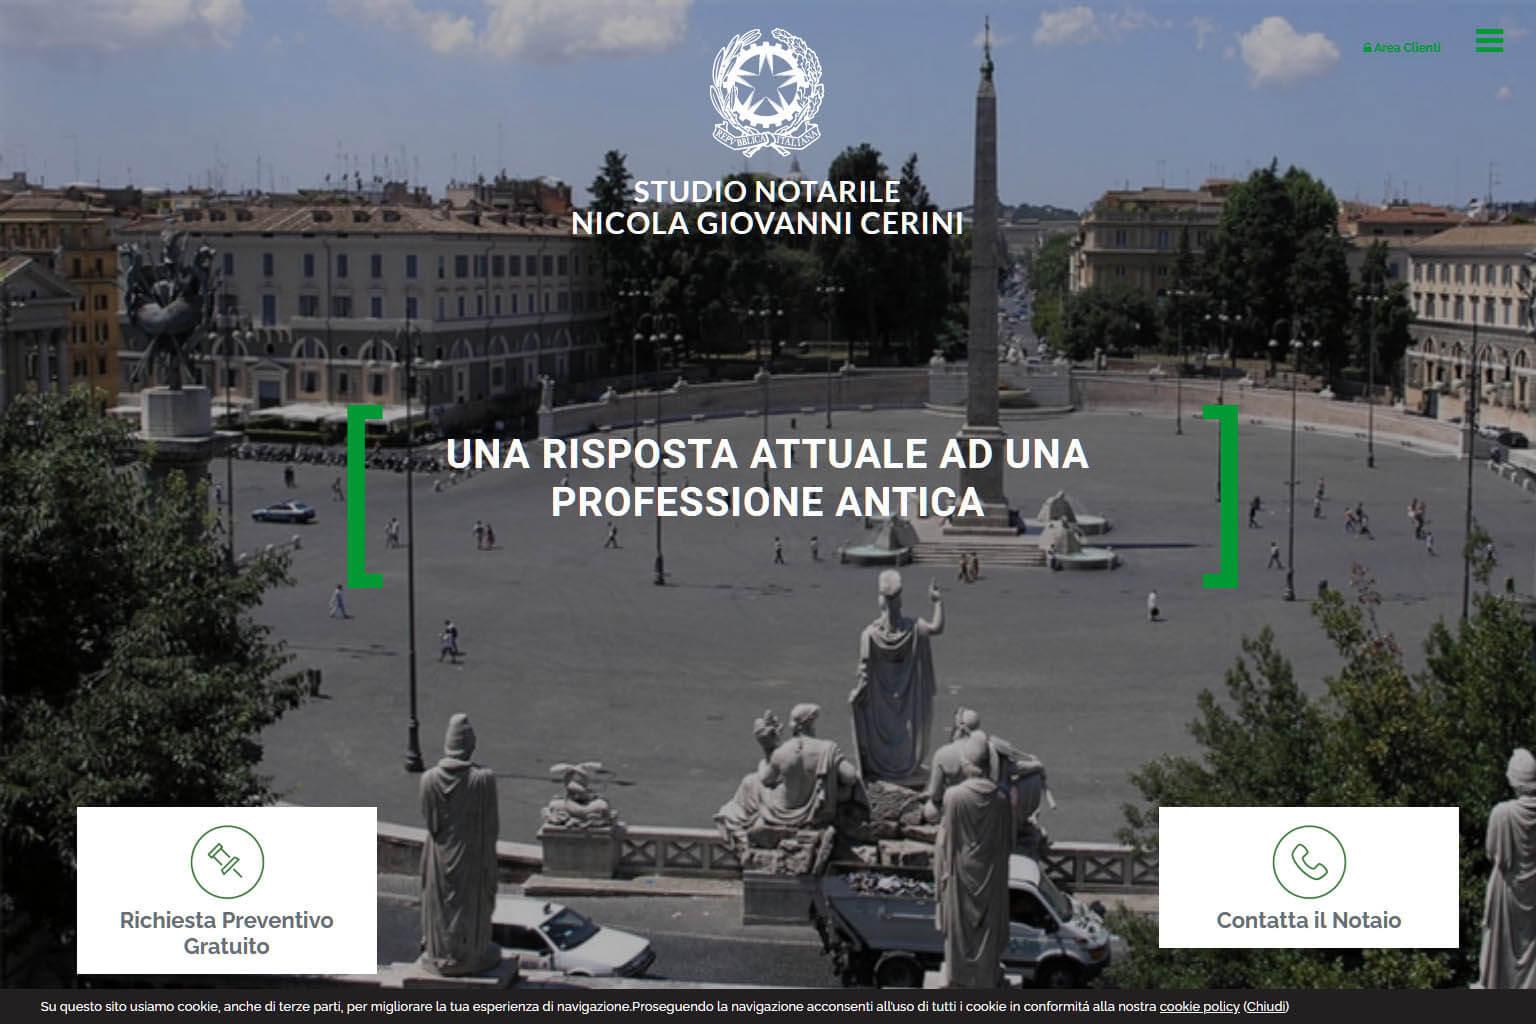 NotaioMyWeb | Studio Notarile Nicola Giovanni Cerini